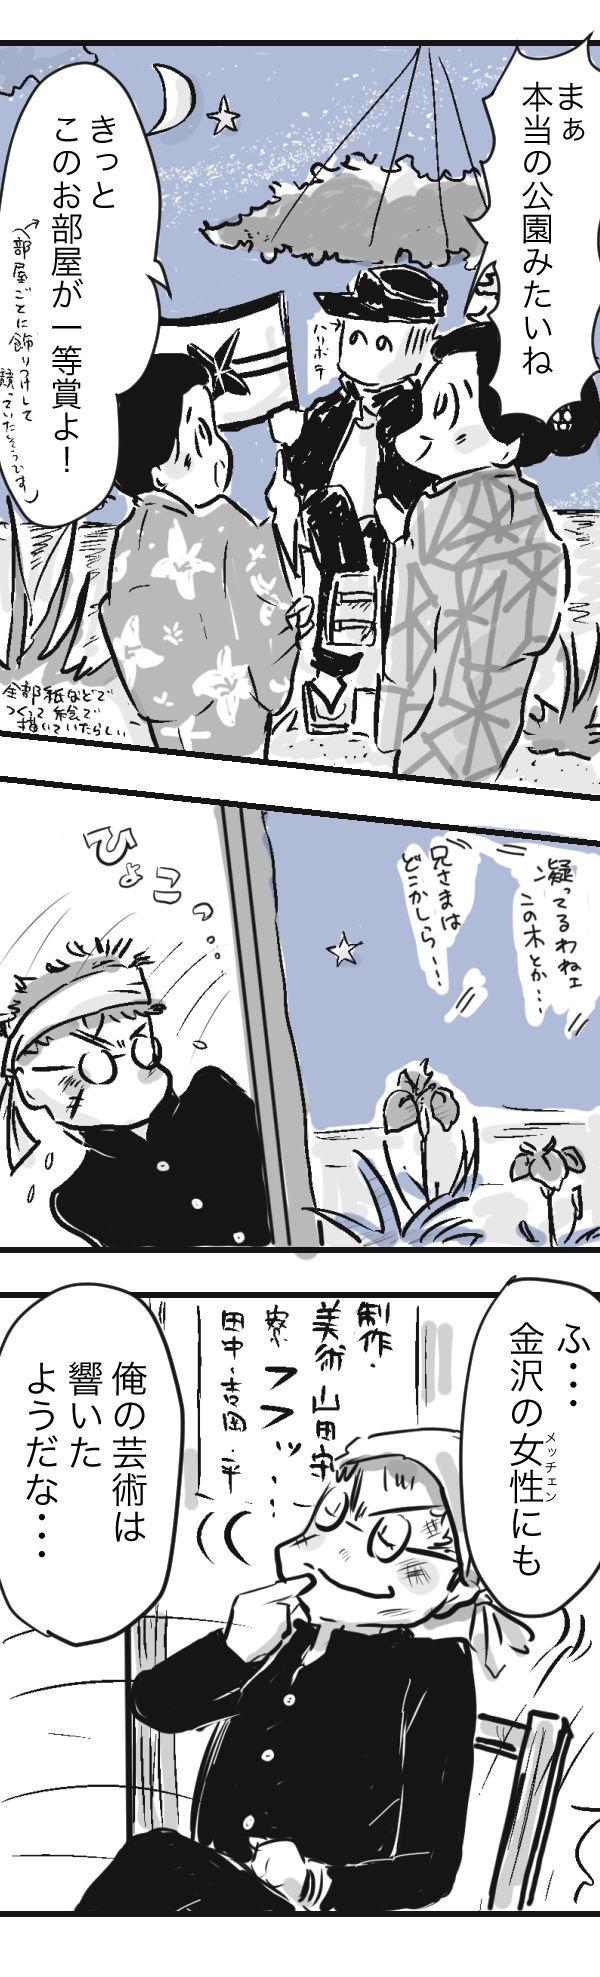 山田 金沢 4−1−2